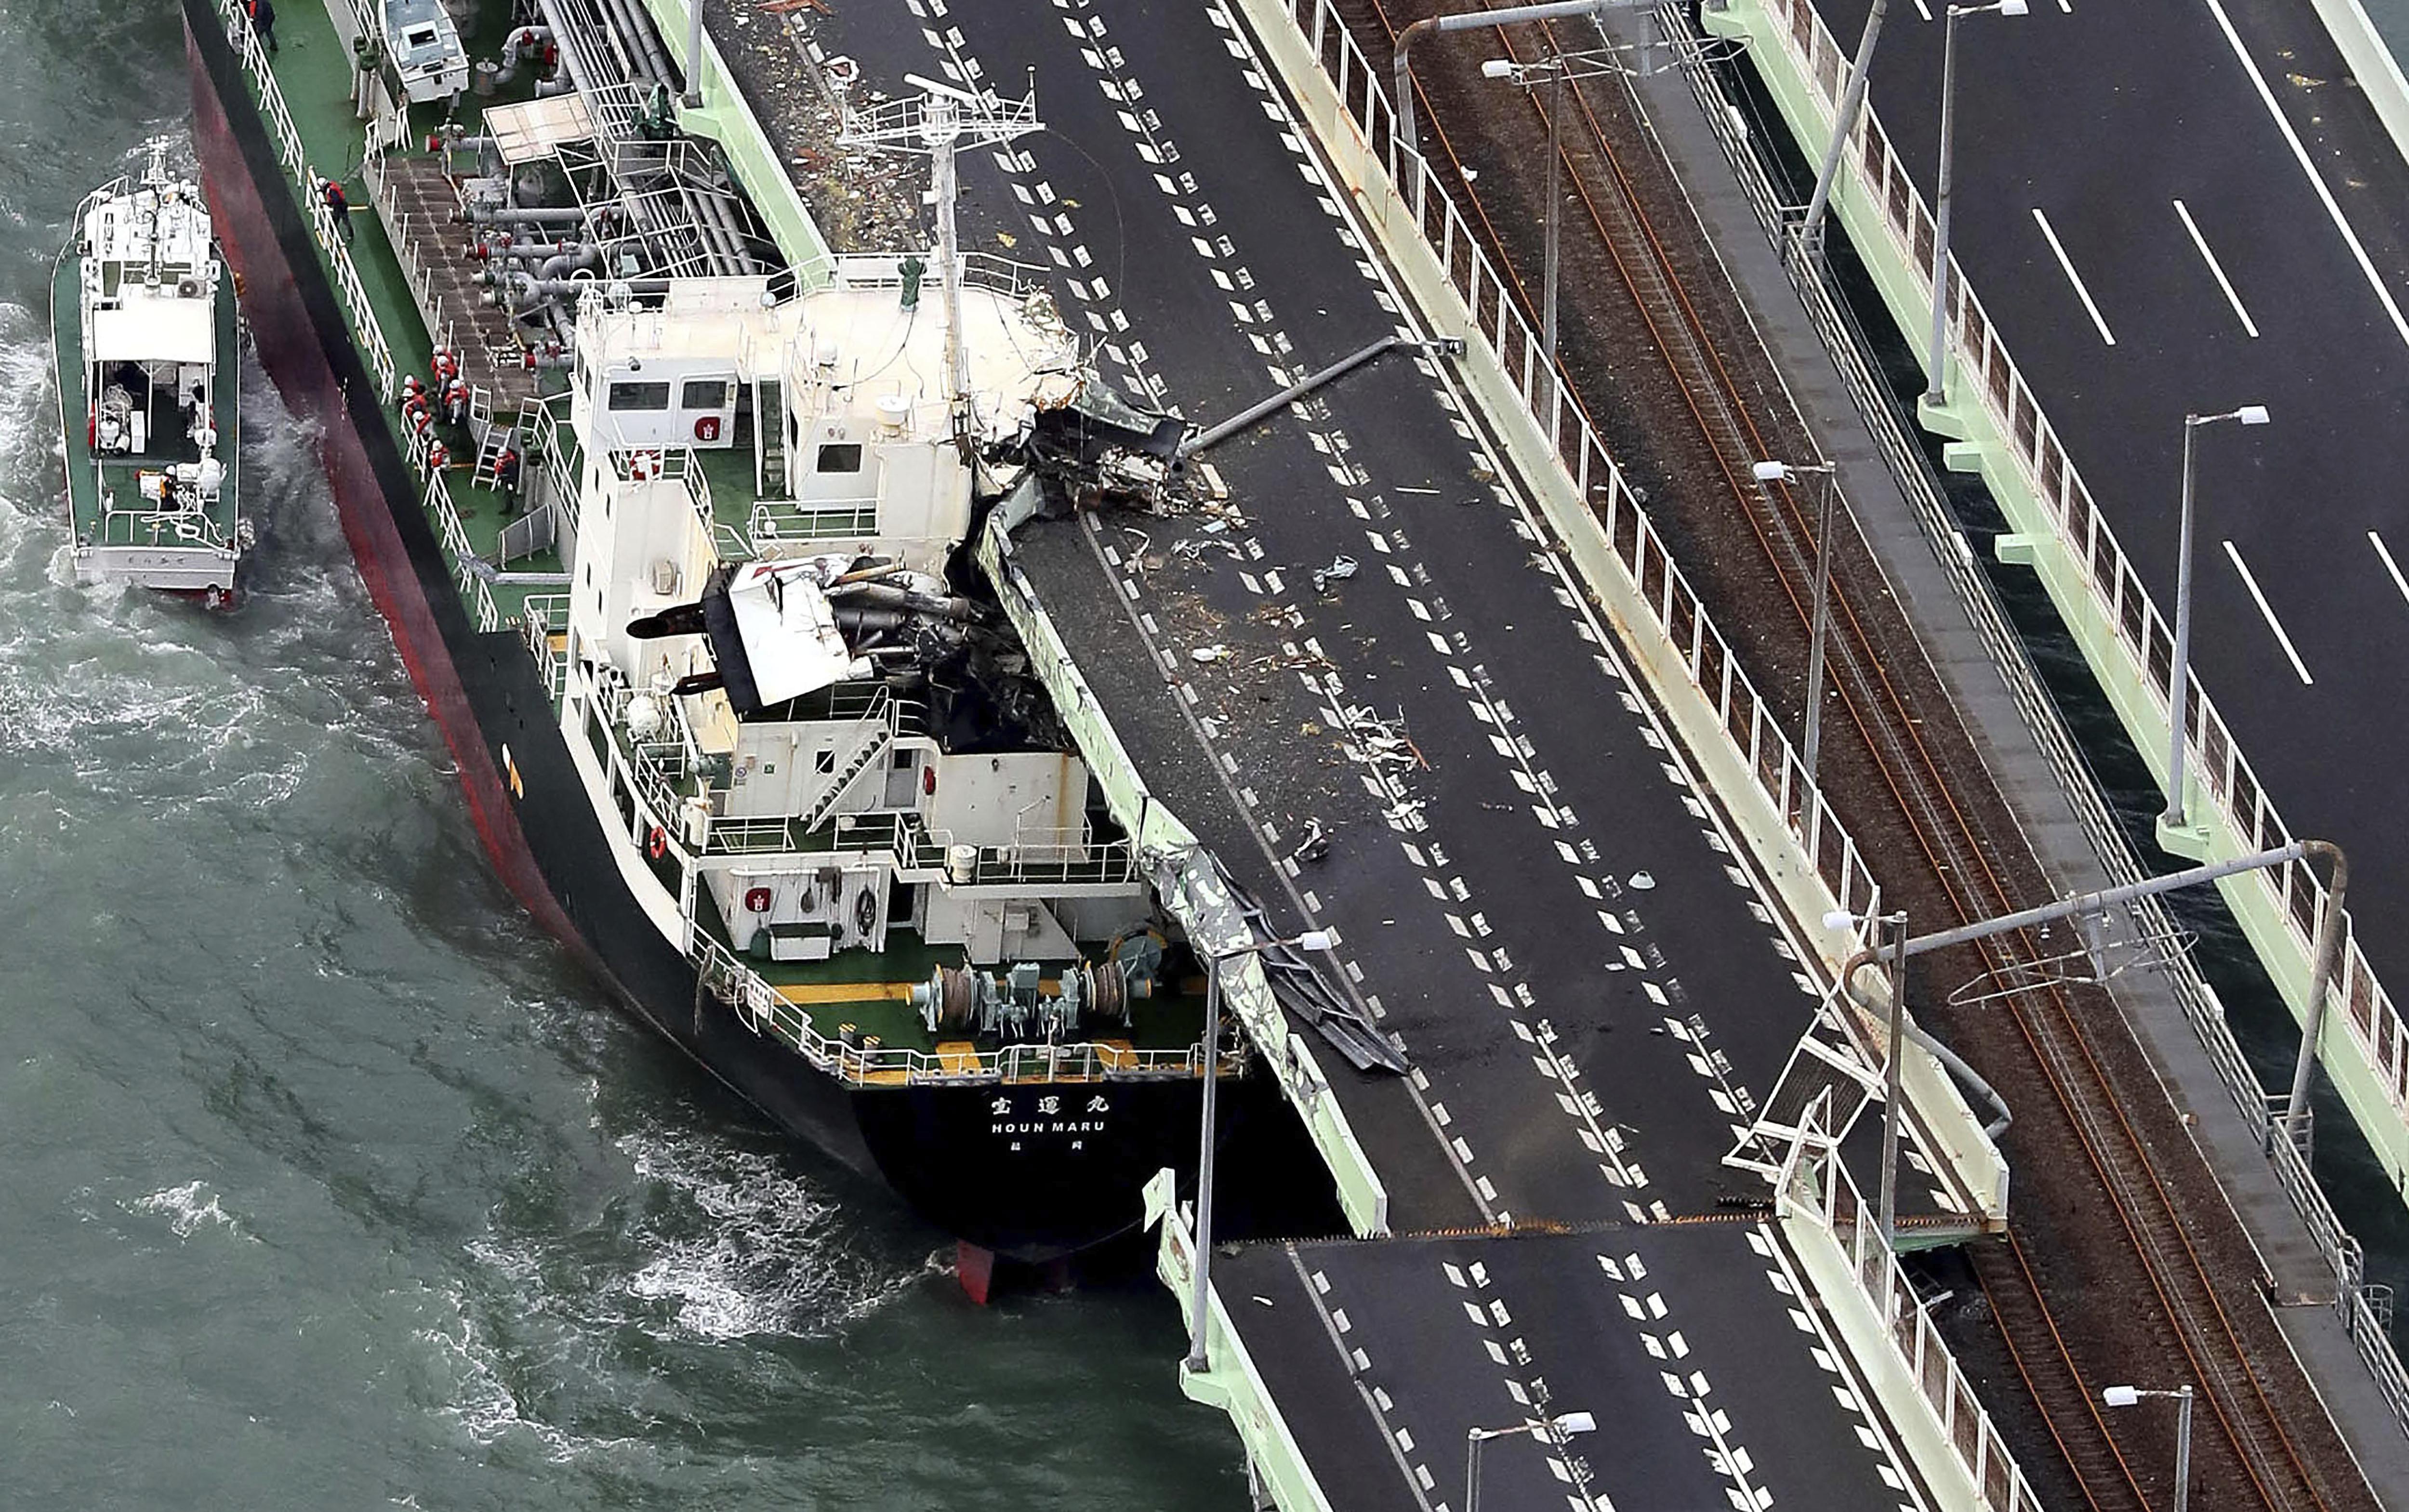 Un barco de carga colisionó y partió con un puente de la autopista que une el aeropuerto de Osaka con la ciudad (Kentaro Ikushima/Mainichi Newspaper vía AP)